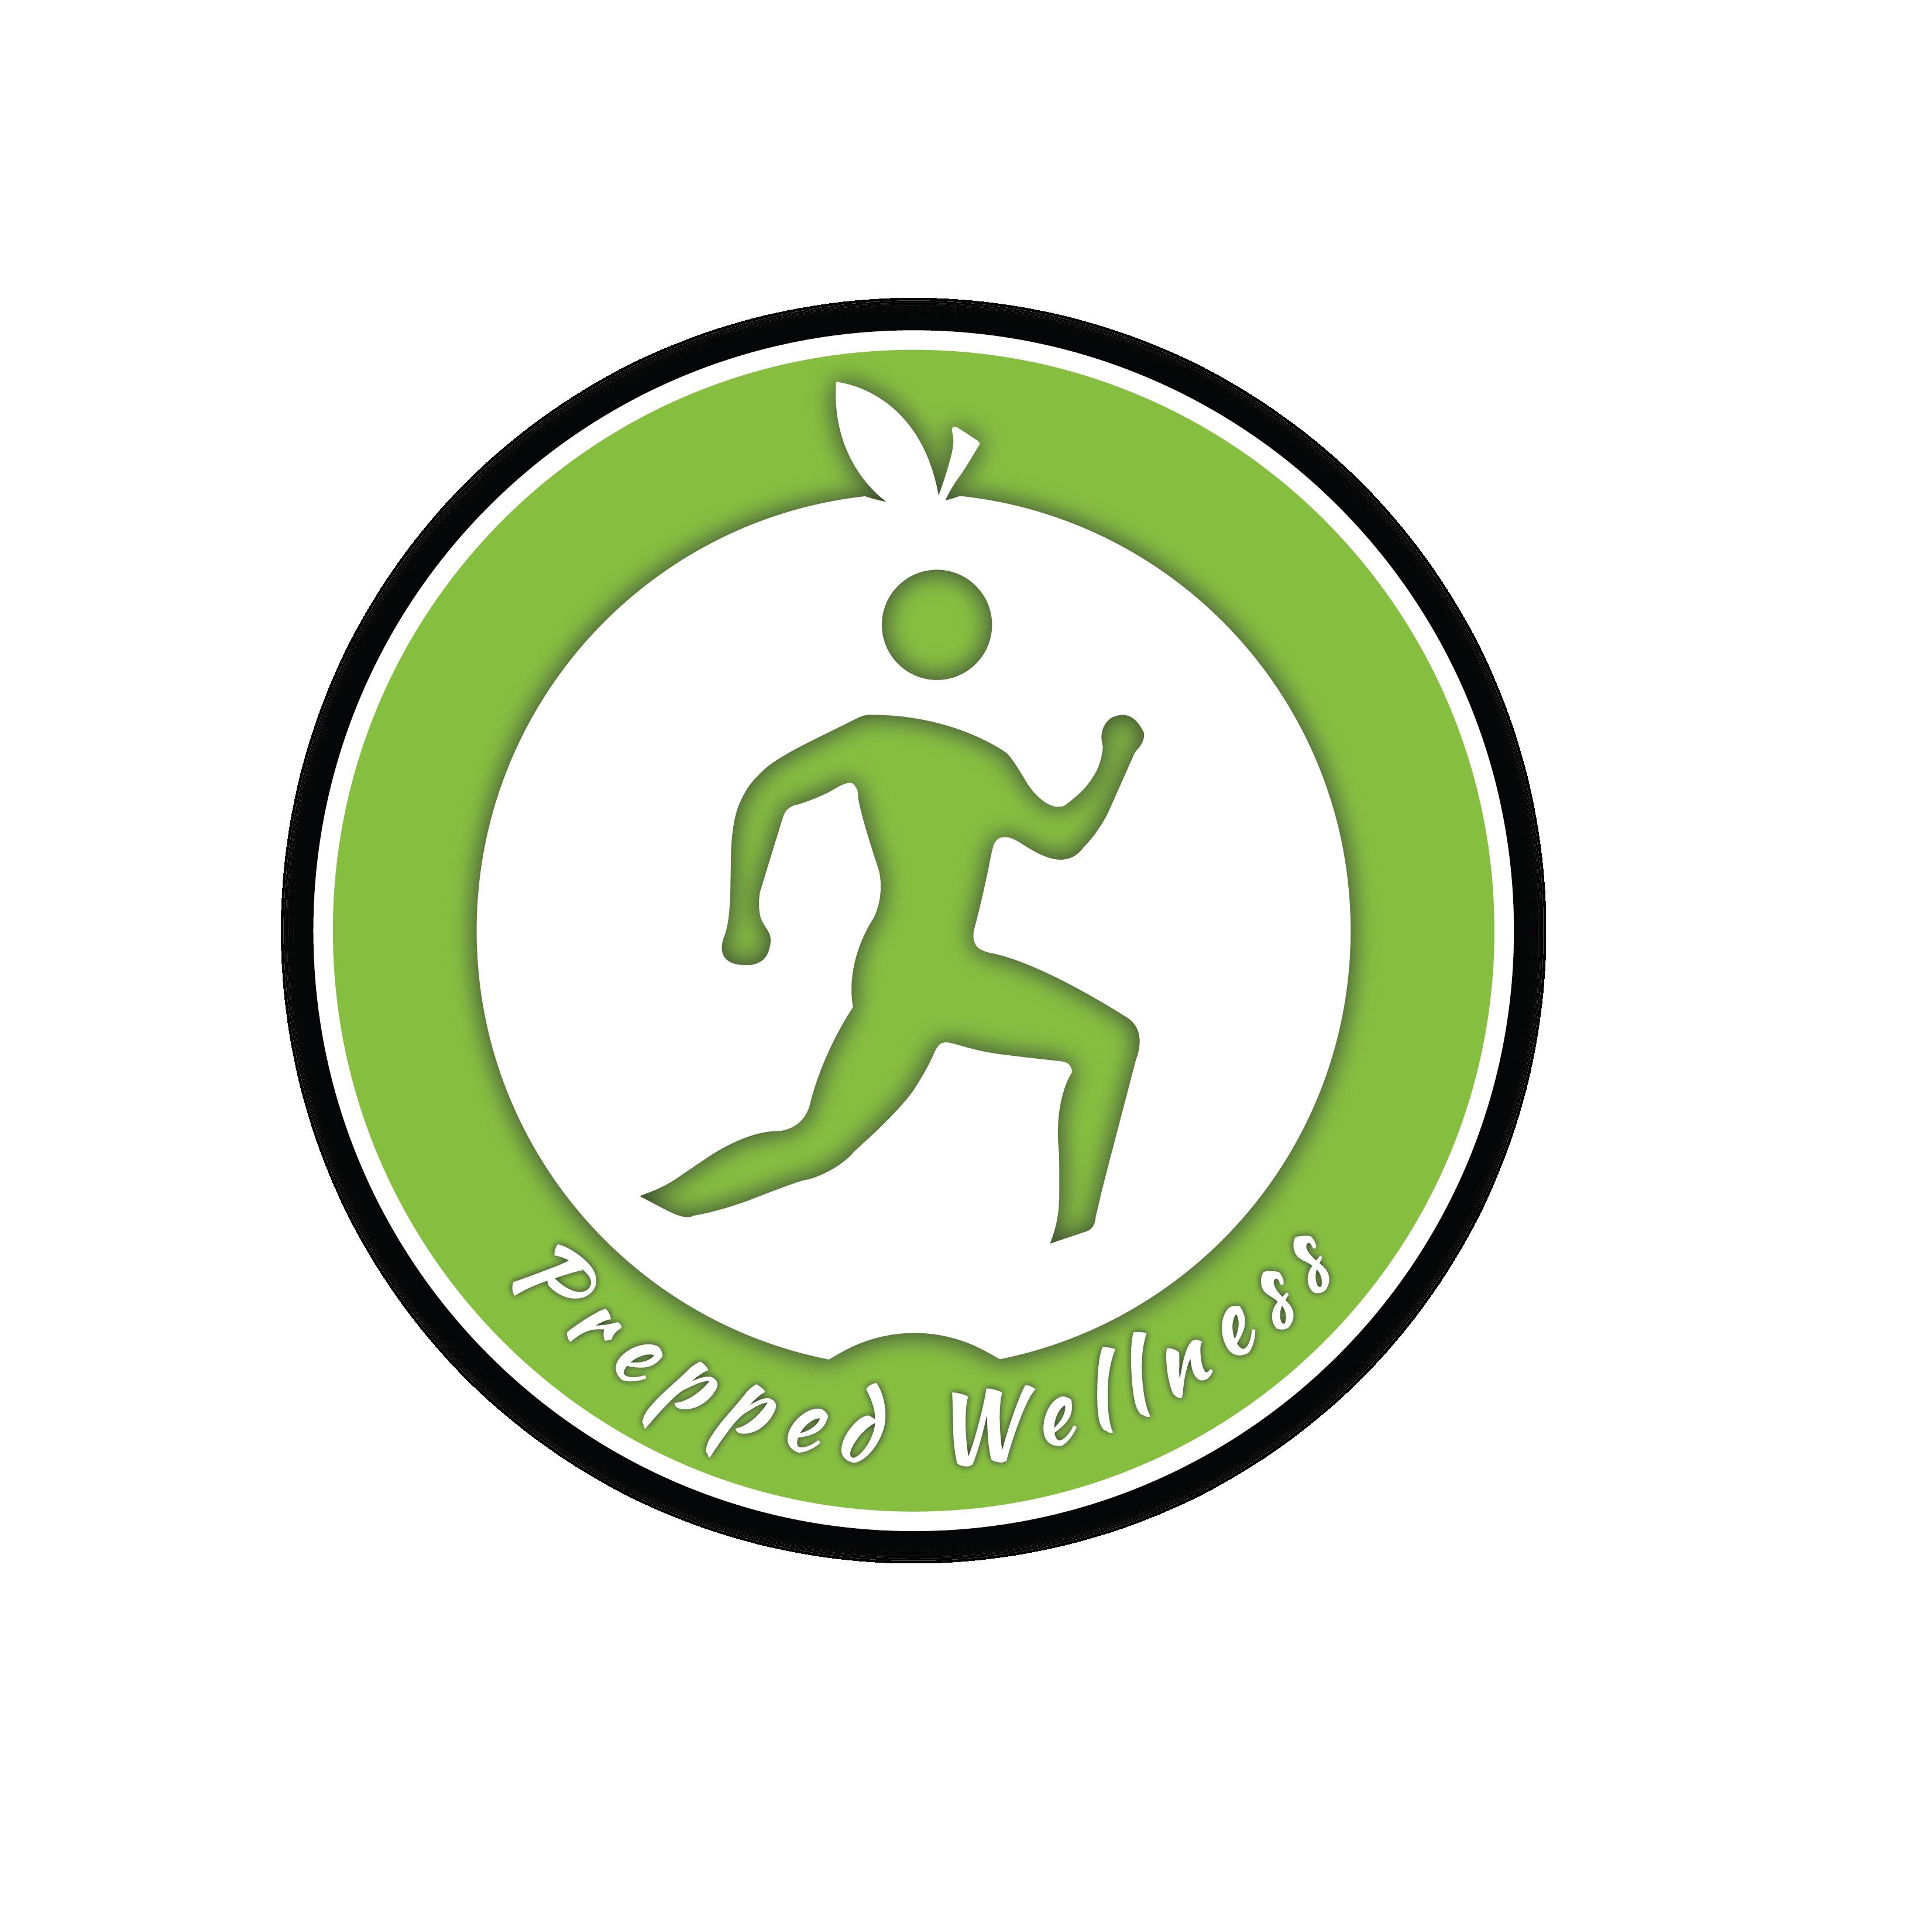 Merchant Logo - Prepped Wellness Cafe